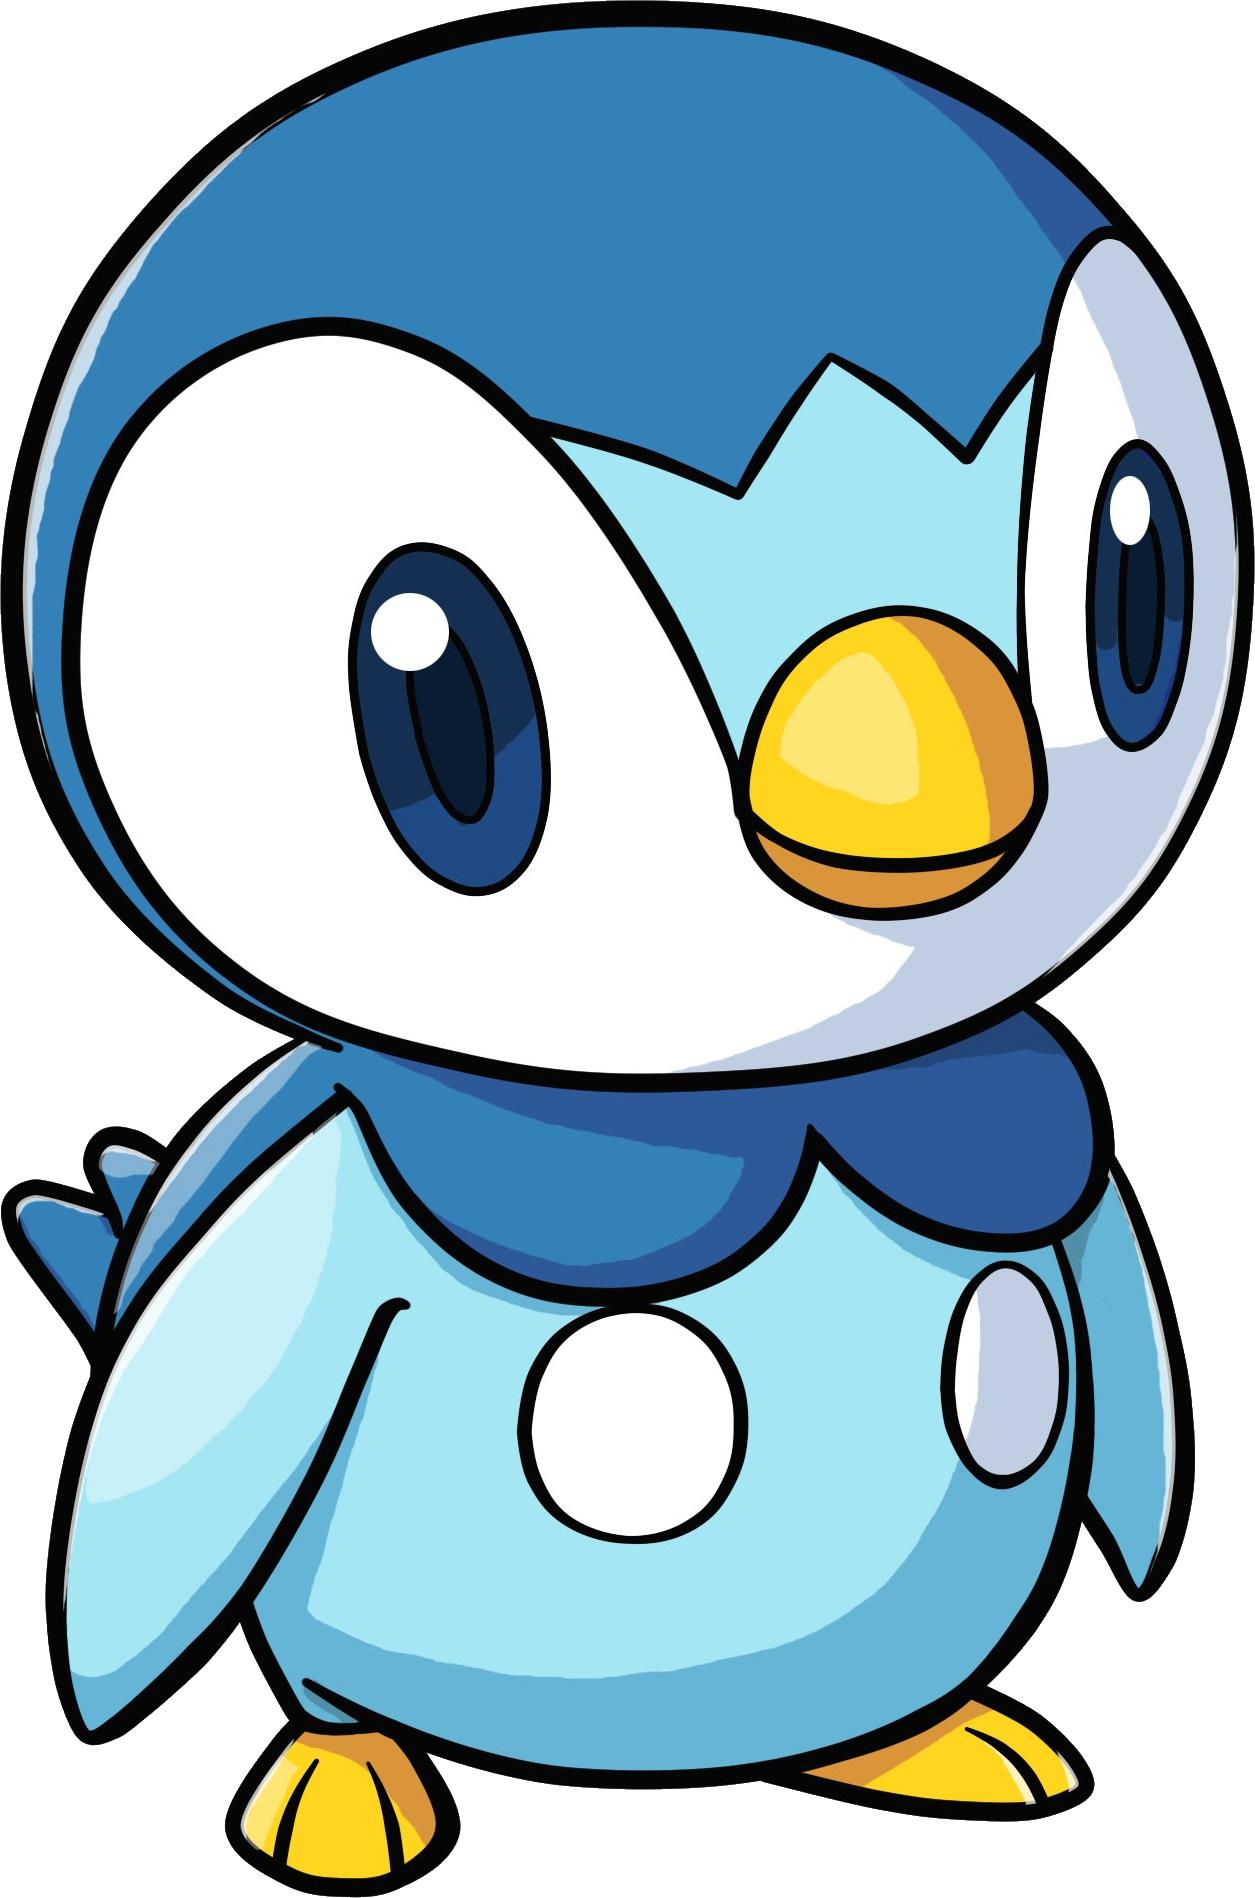 Piplup   Pokémon Wiki   Fandom powered by Wikia